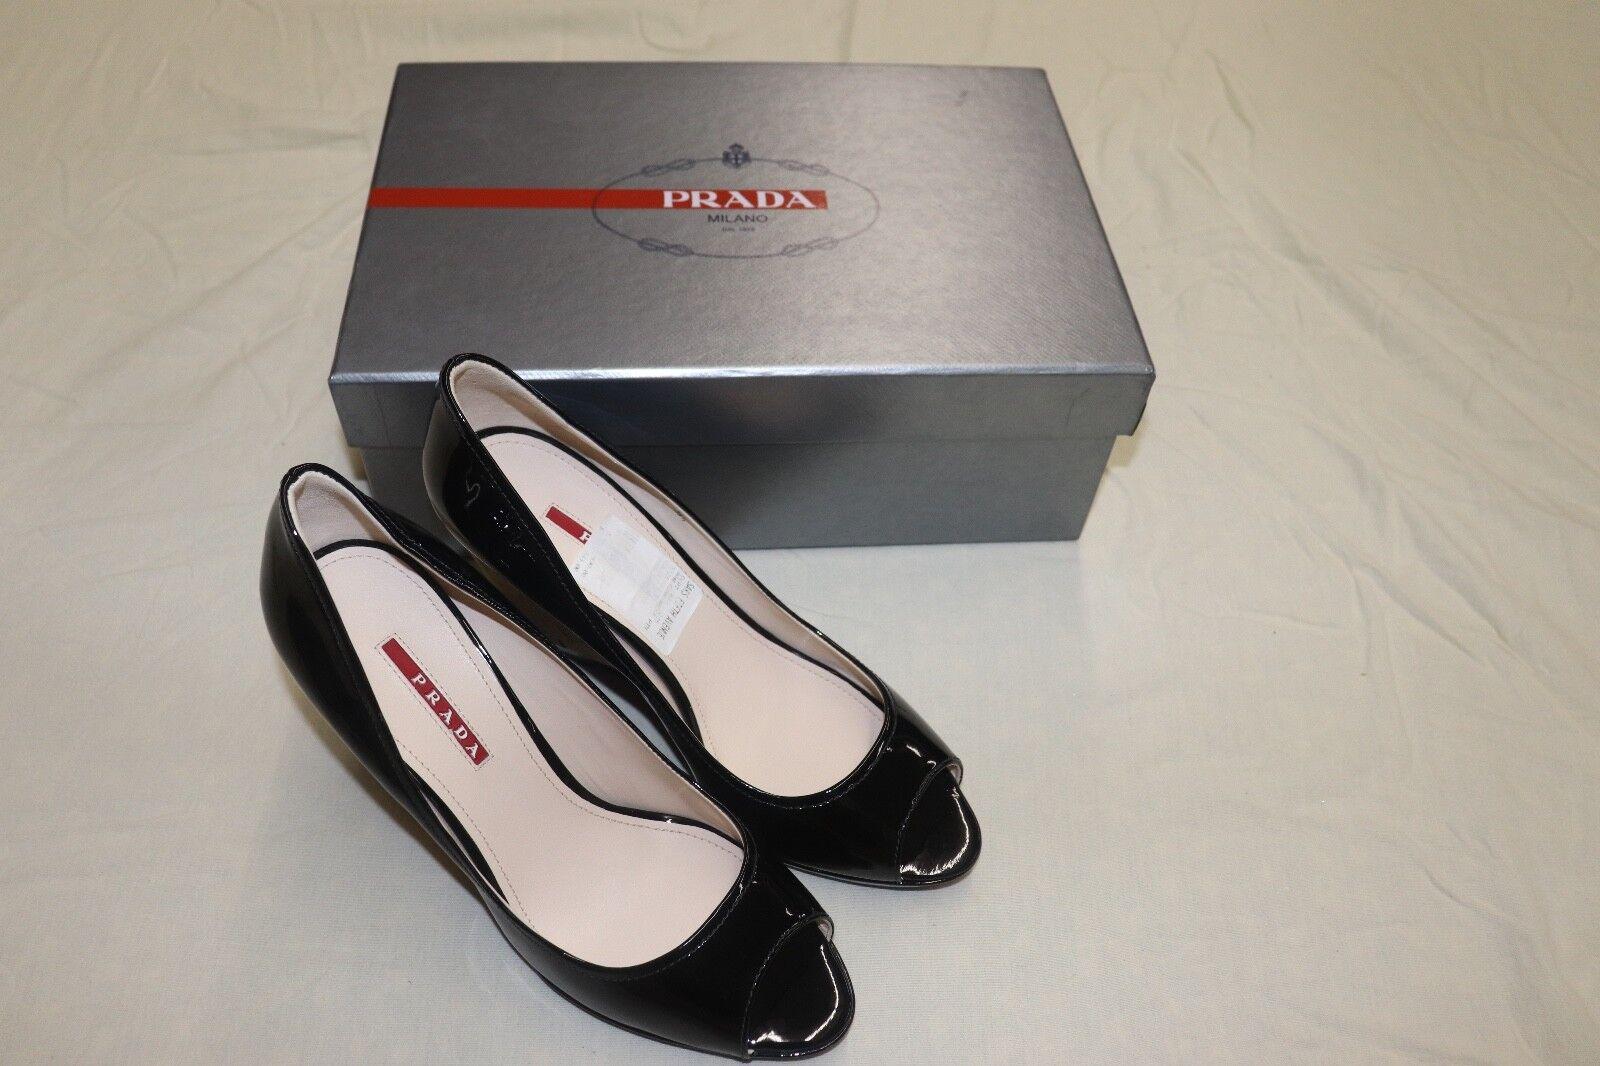 Prada  Calzature Donna nero Patent cunei taglia 38 Nuovo in scatola  all'ingrosso economico e di alta qualità